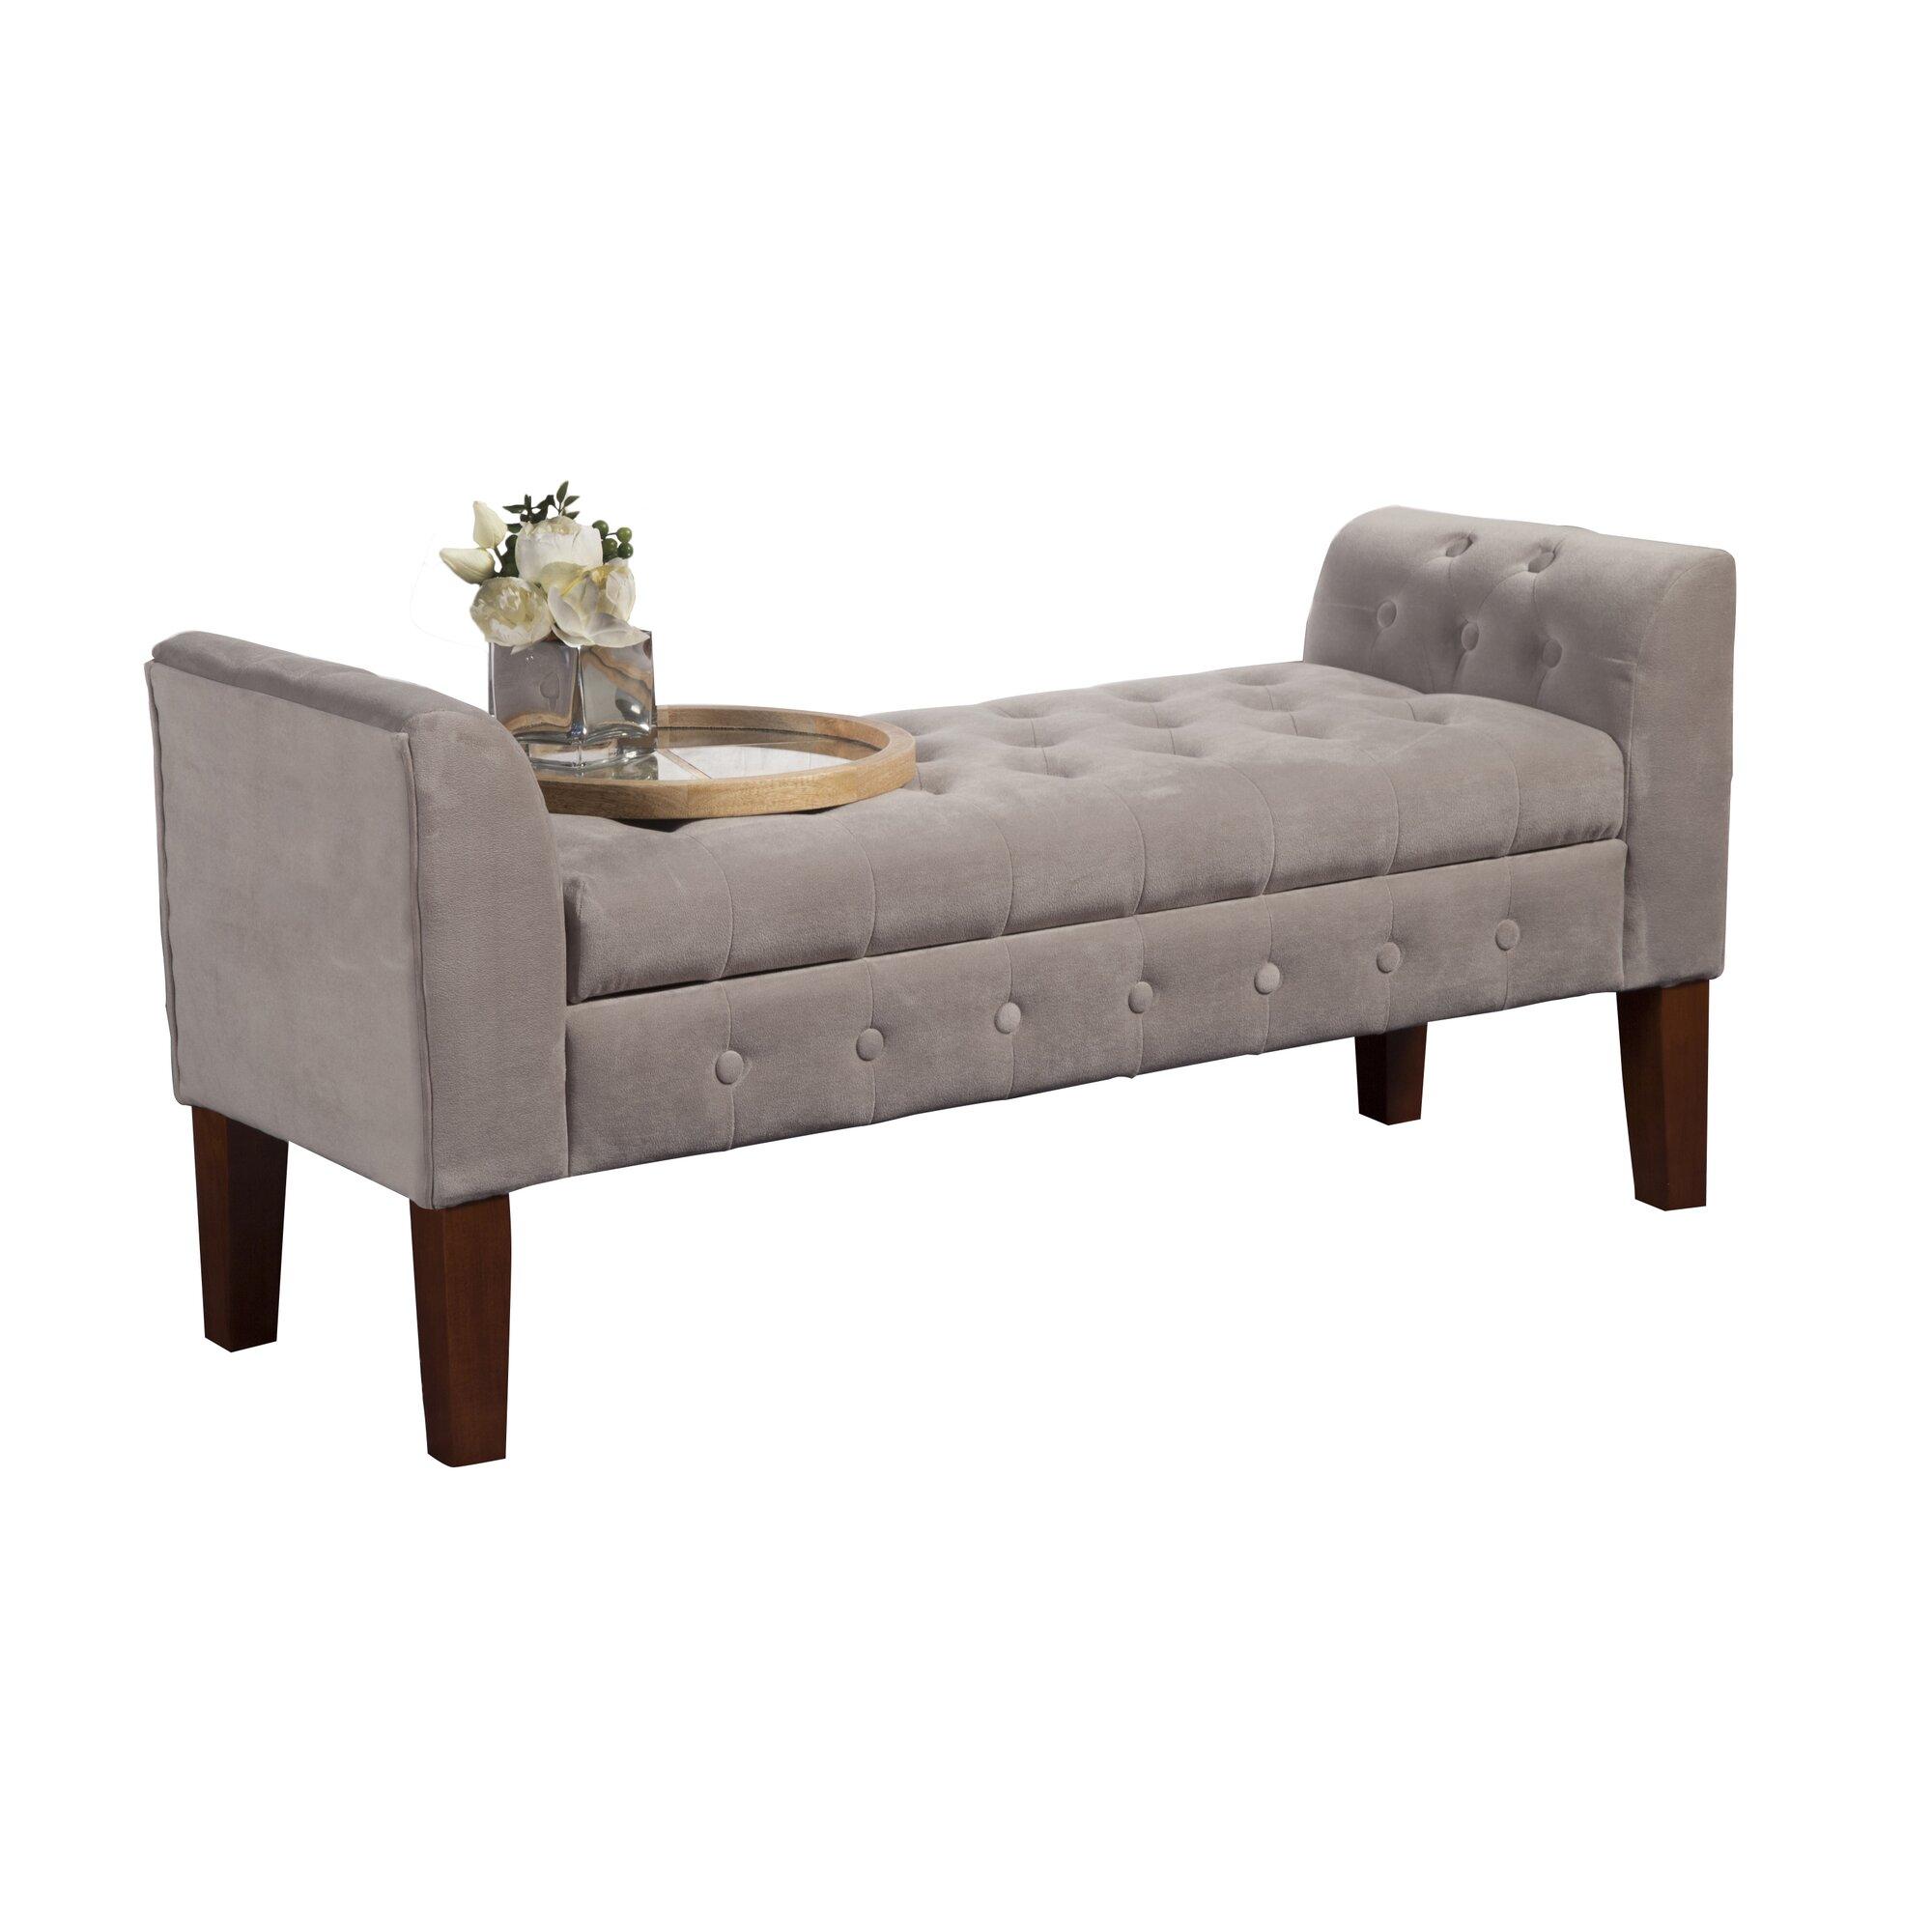 Varian Upholstered Storage Bedroom Bench Birchlane: Wilford Upholstered Storage Bedroom Bench & Reviews